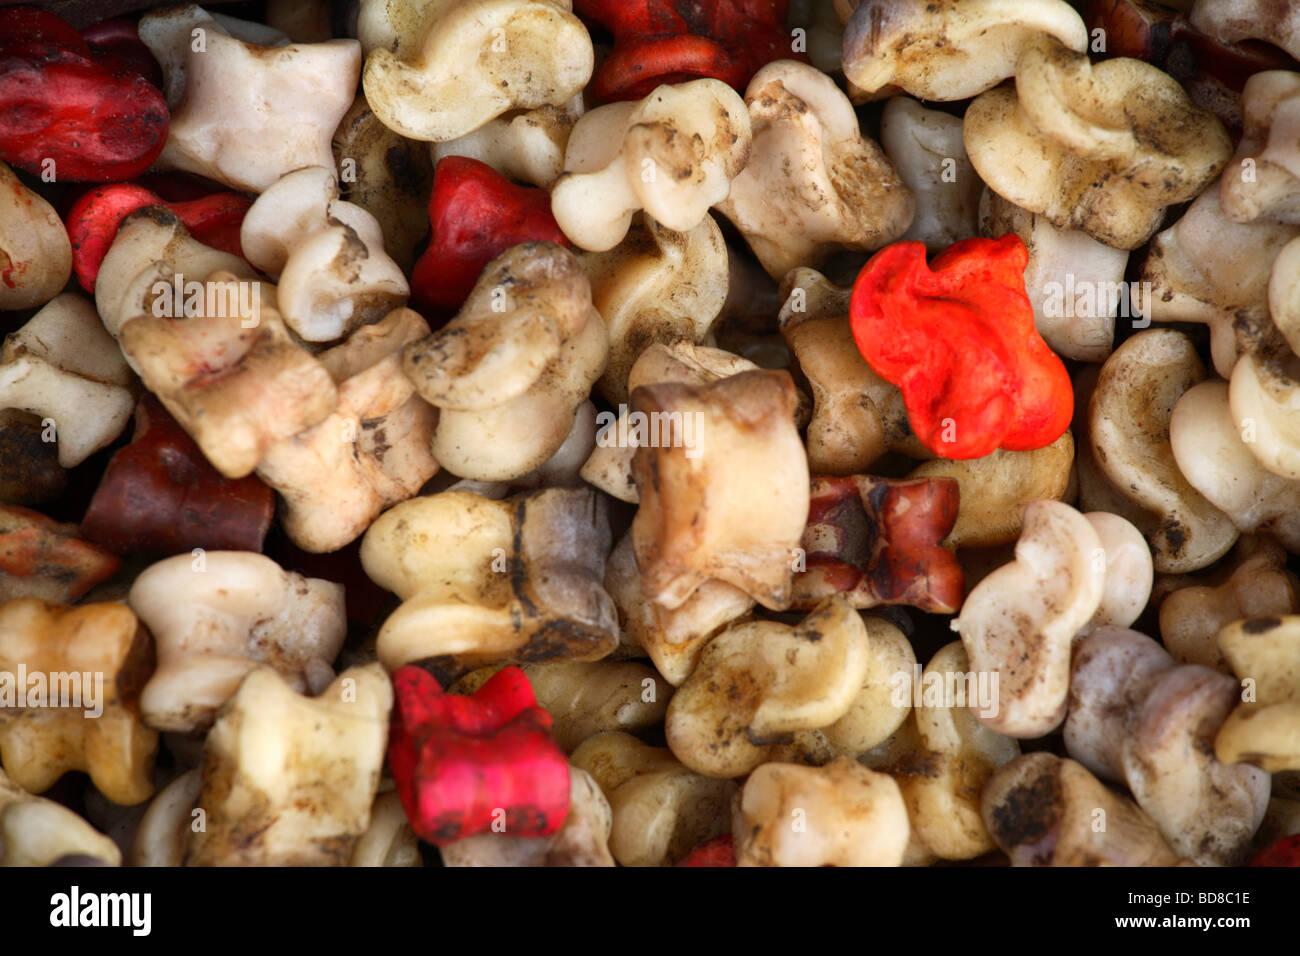 Traditionelle Knöchel Knochen verwendet für Spiele, Mongolei ...